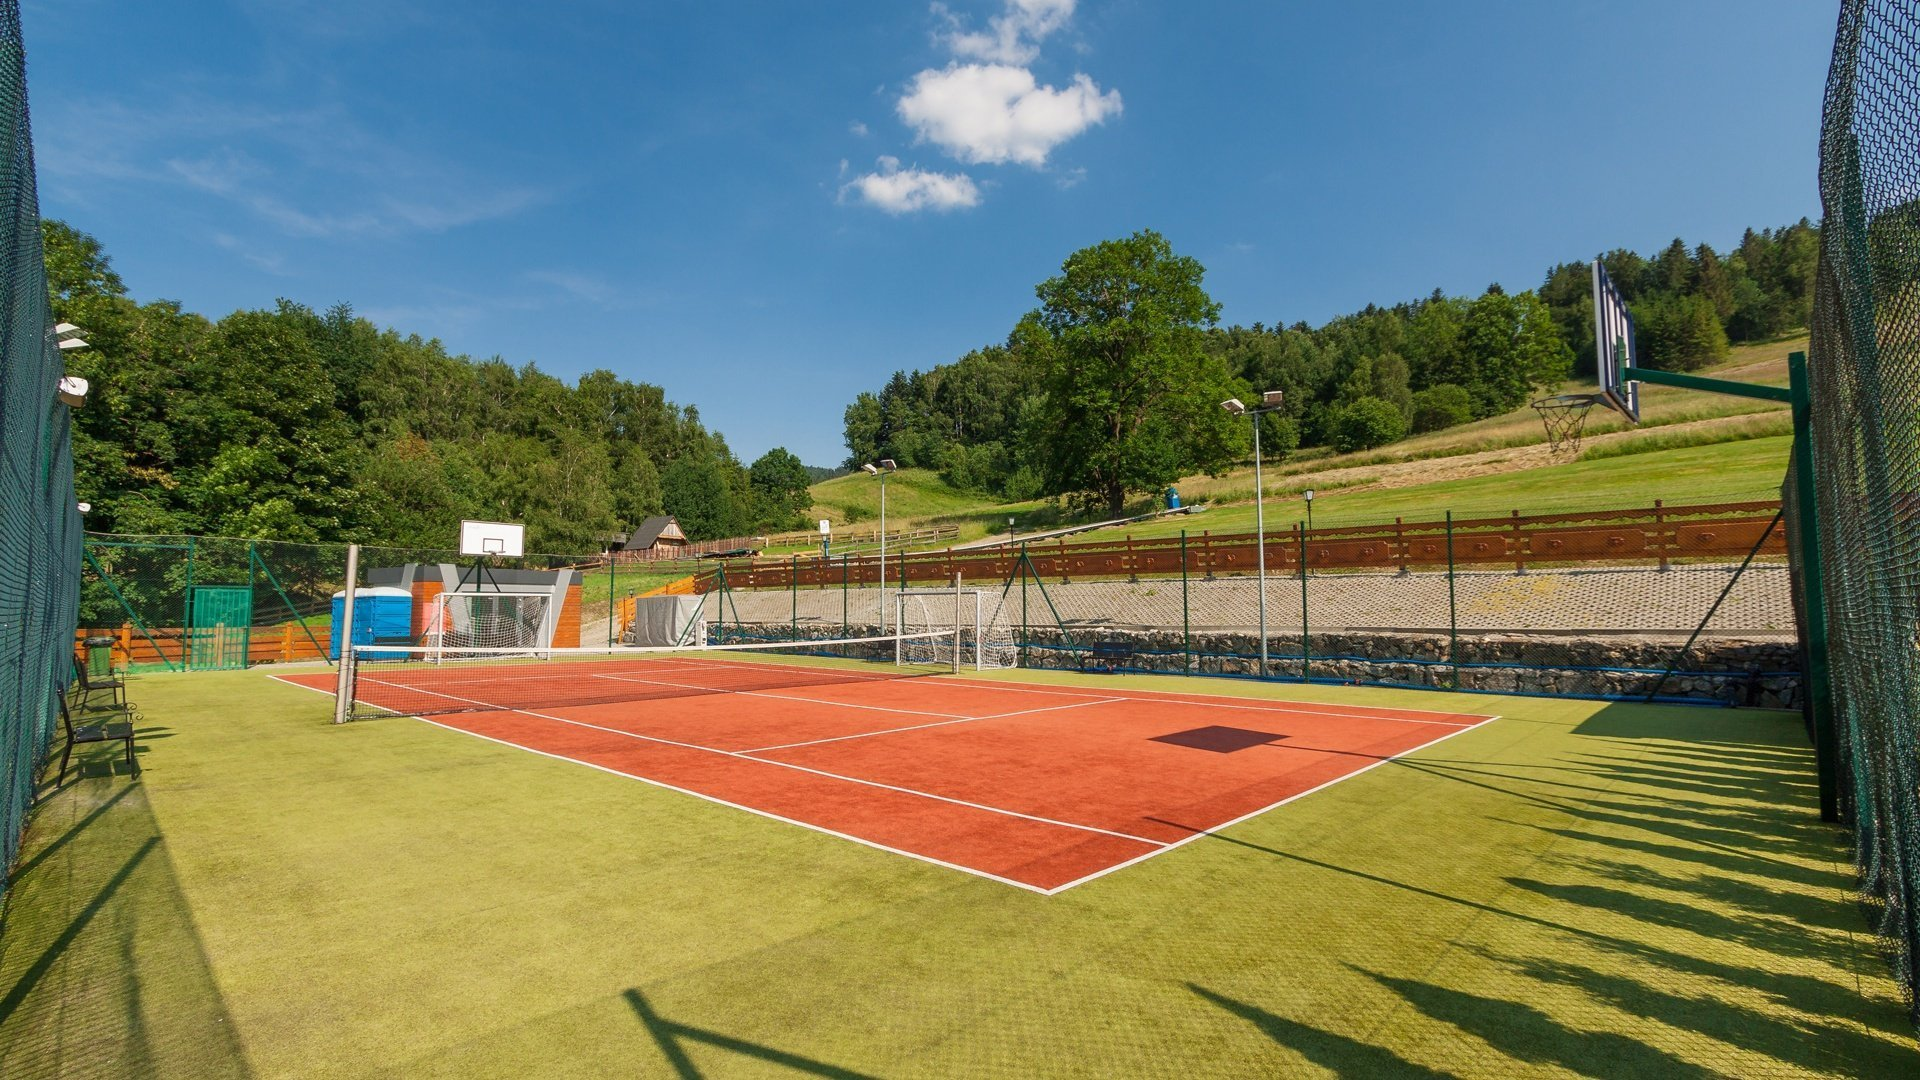 Спортивная площадка и теннисные корты